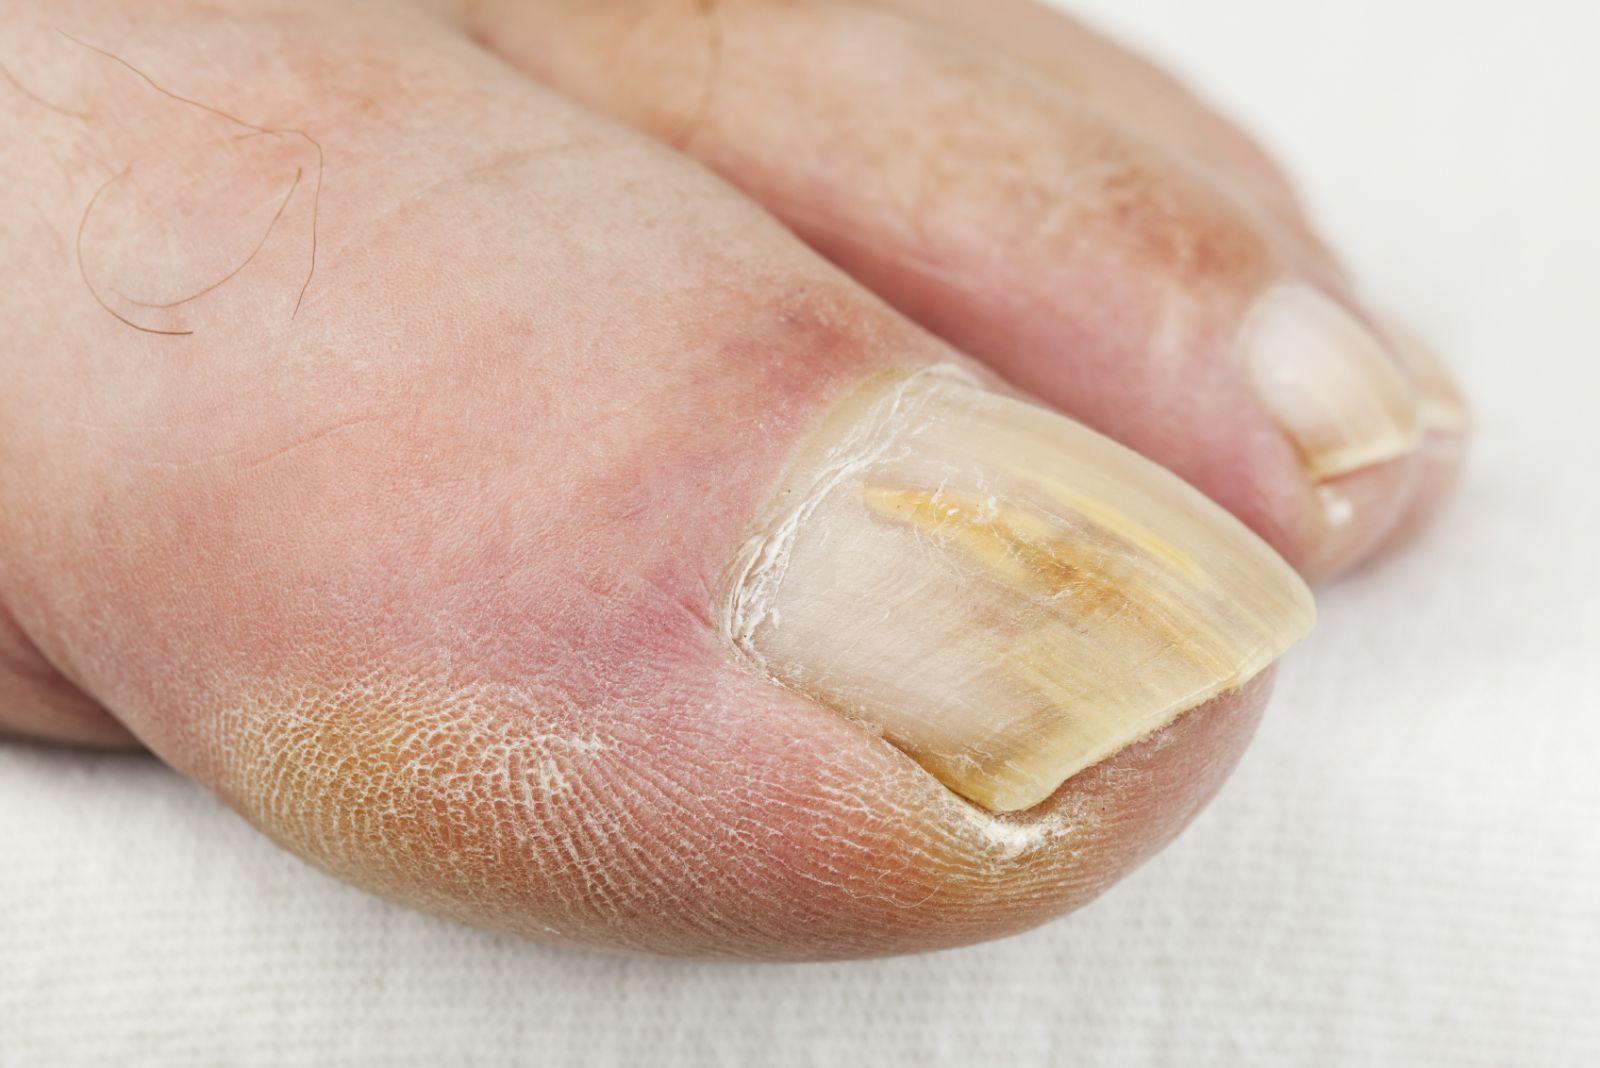 قارچ ناخن چیست؟ | علائم بیماری قارچ ناخن انگشت پا